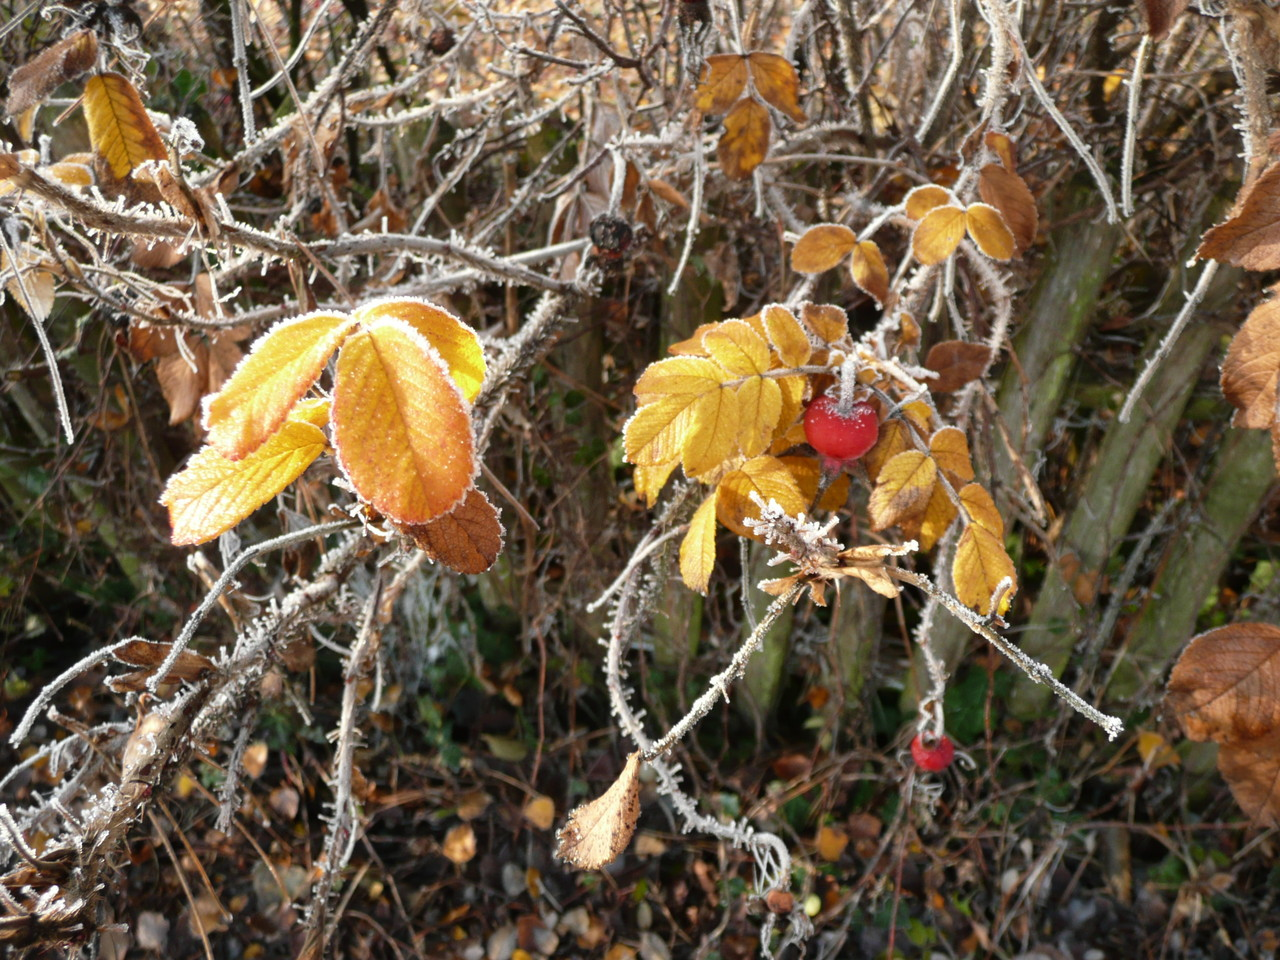 Erster Frost - Fotos/Copyright: Franz Lutje